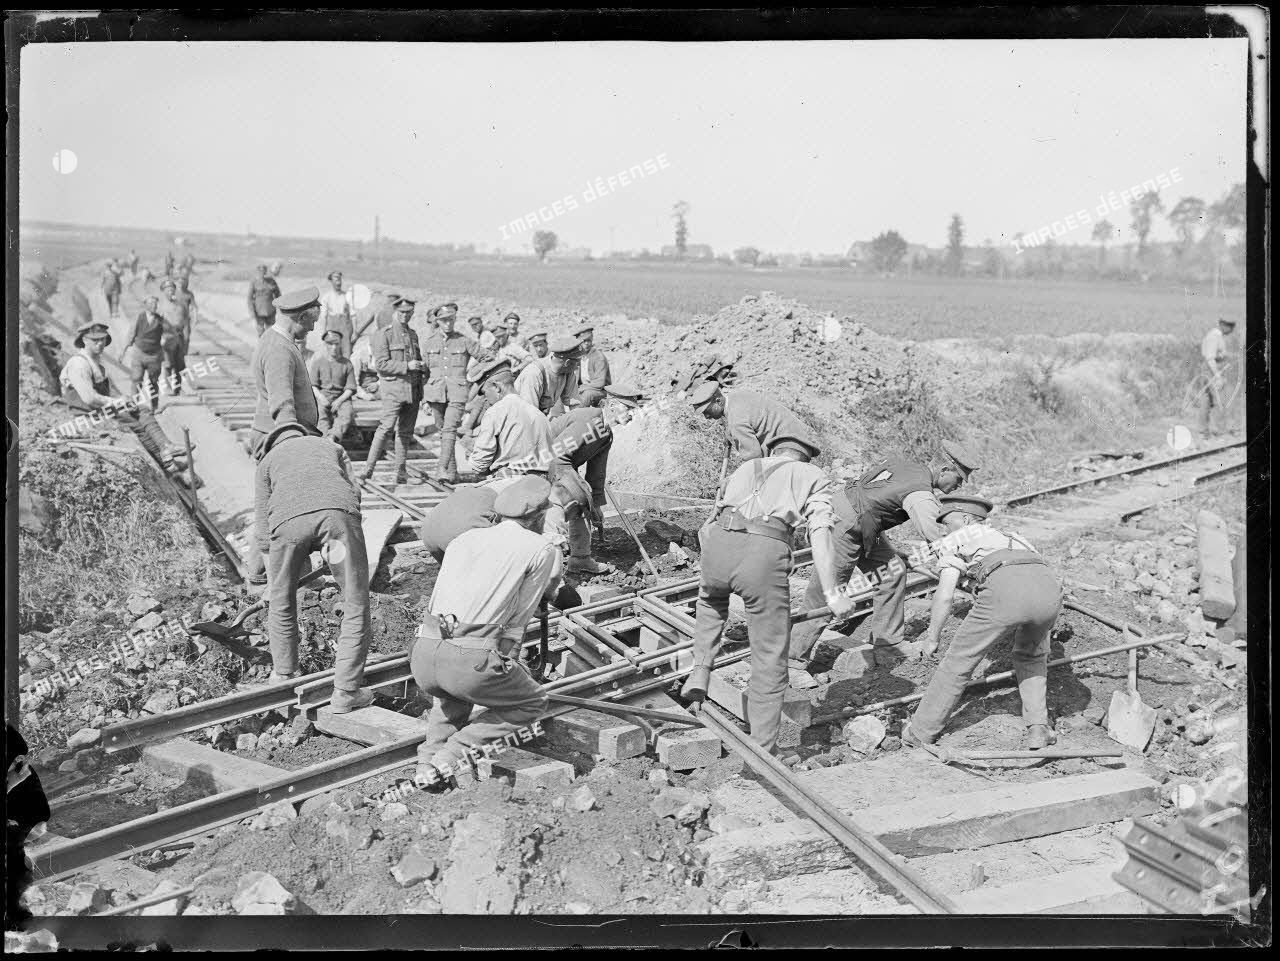 Wumezele, soldats anglais construisent une voie ferrée. 2-6-18. [légende d'origine]